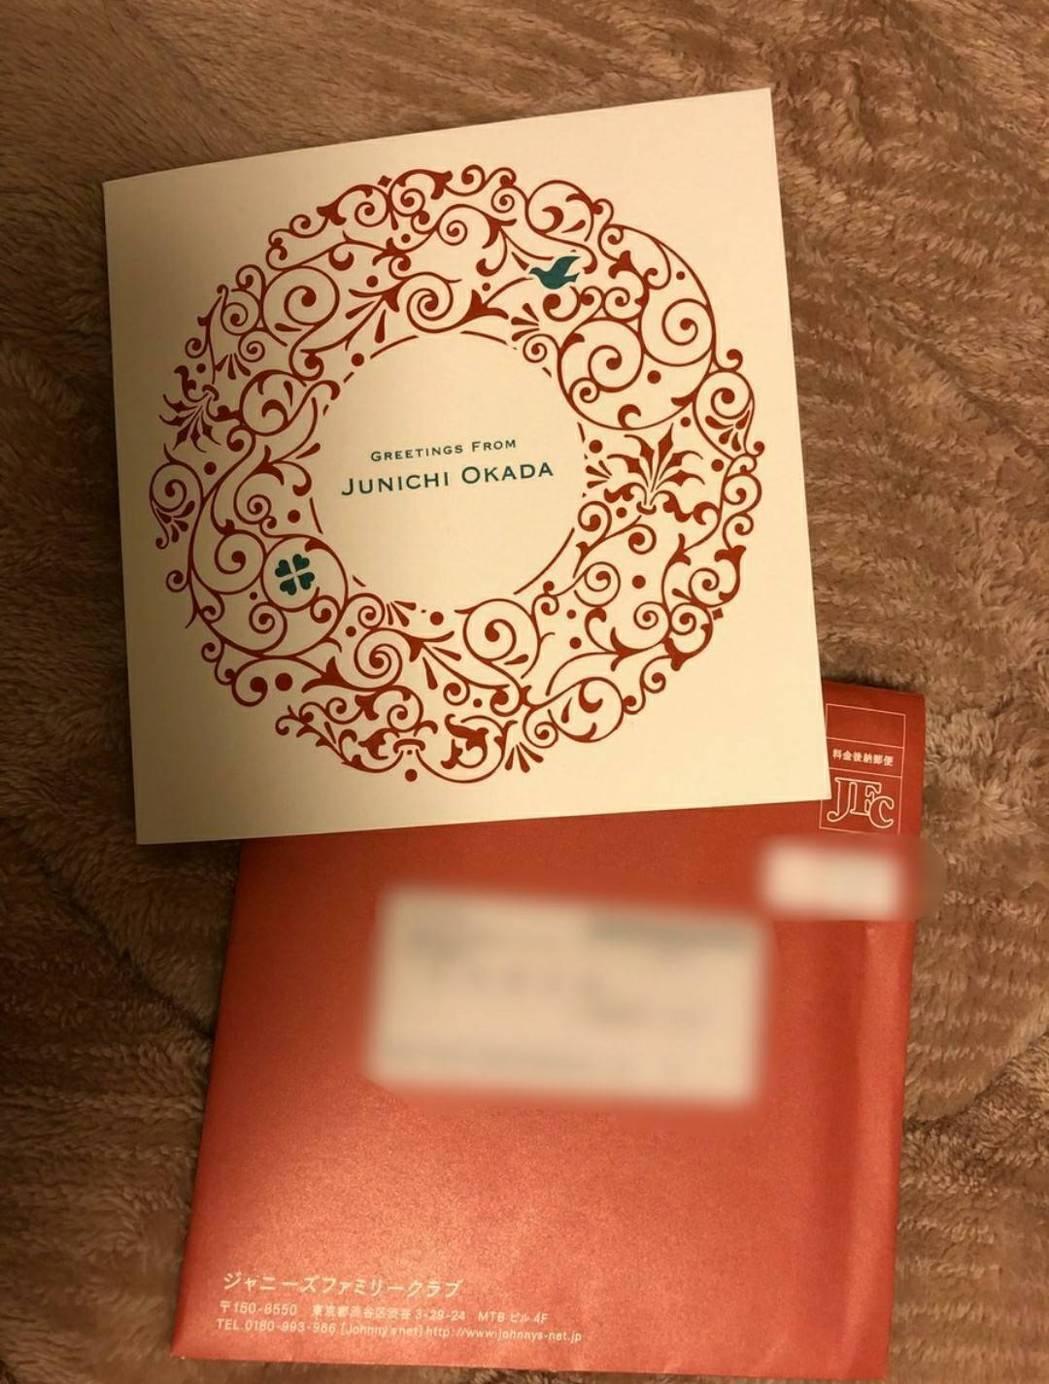 日本粉絲收到V6粉絲俱樂部發出的結婚喜帖,不敢置信。(網路圖片)